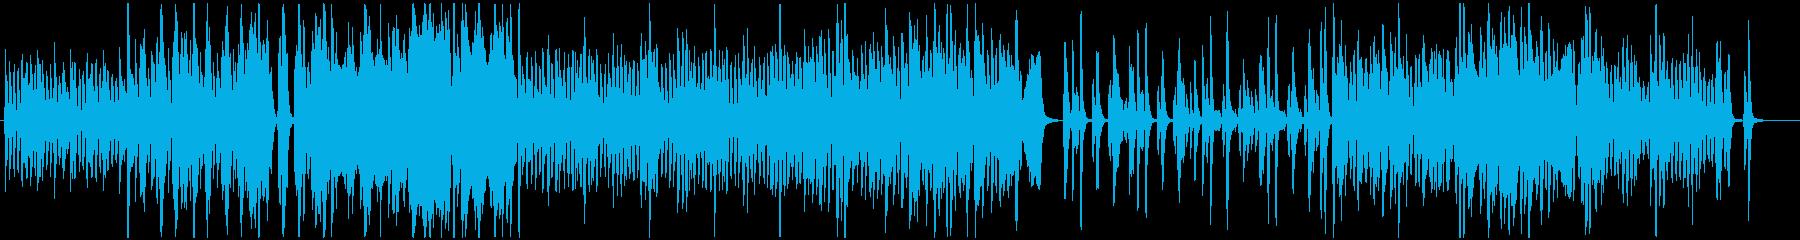 ストリングス中心の爽やかで軽やかな曲ですの再生済みの波形